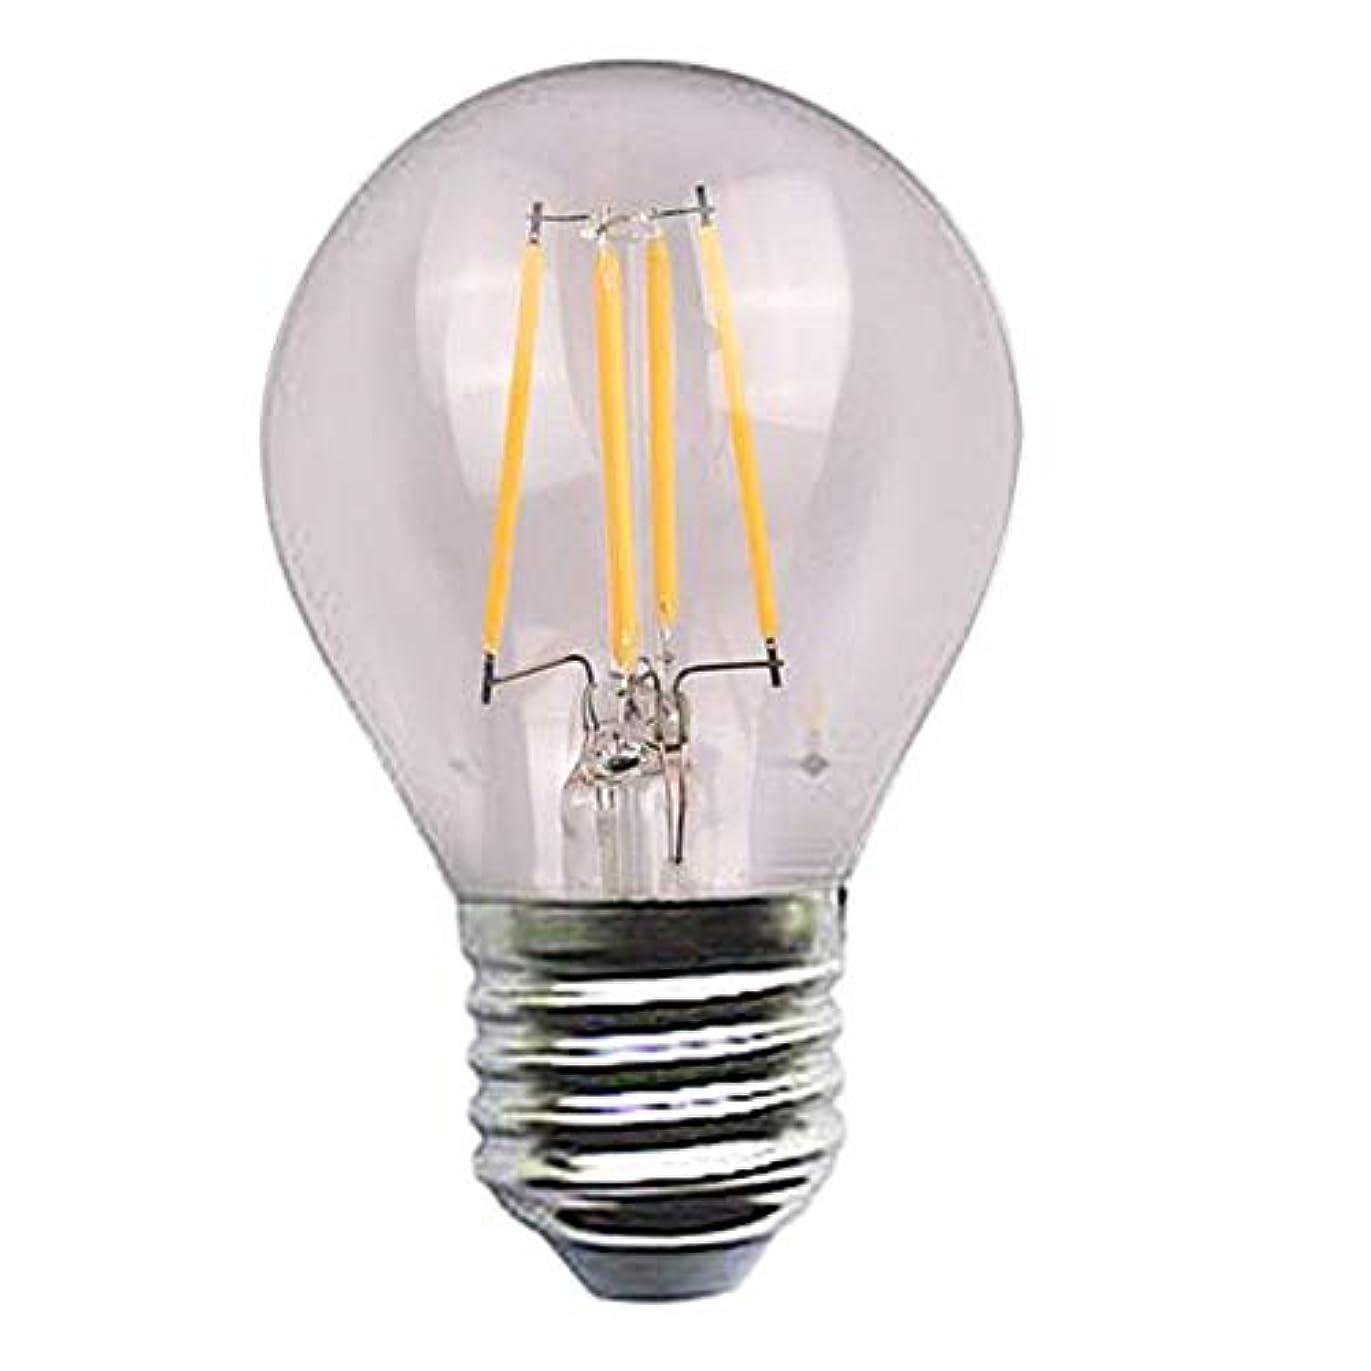 ルーキーアーサーコナンドイル部分的にエジソンはフィラメントシリーズ球根4w 110-220vの銀ランプの頭部を導きました